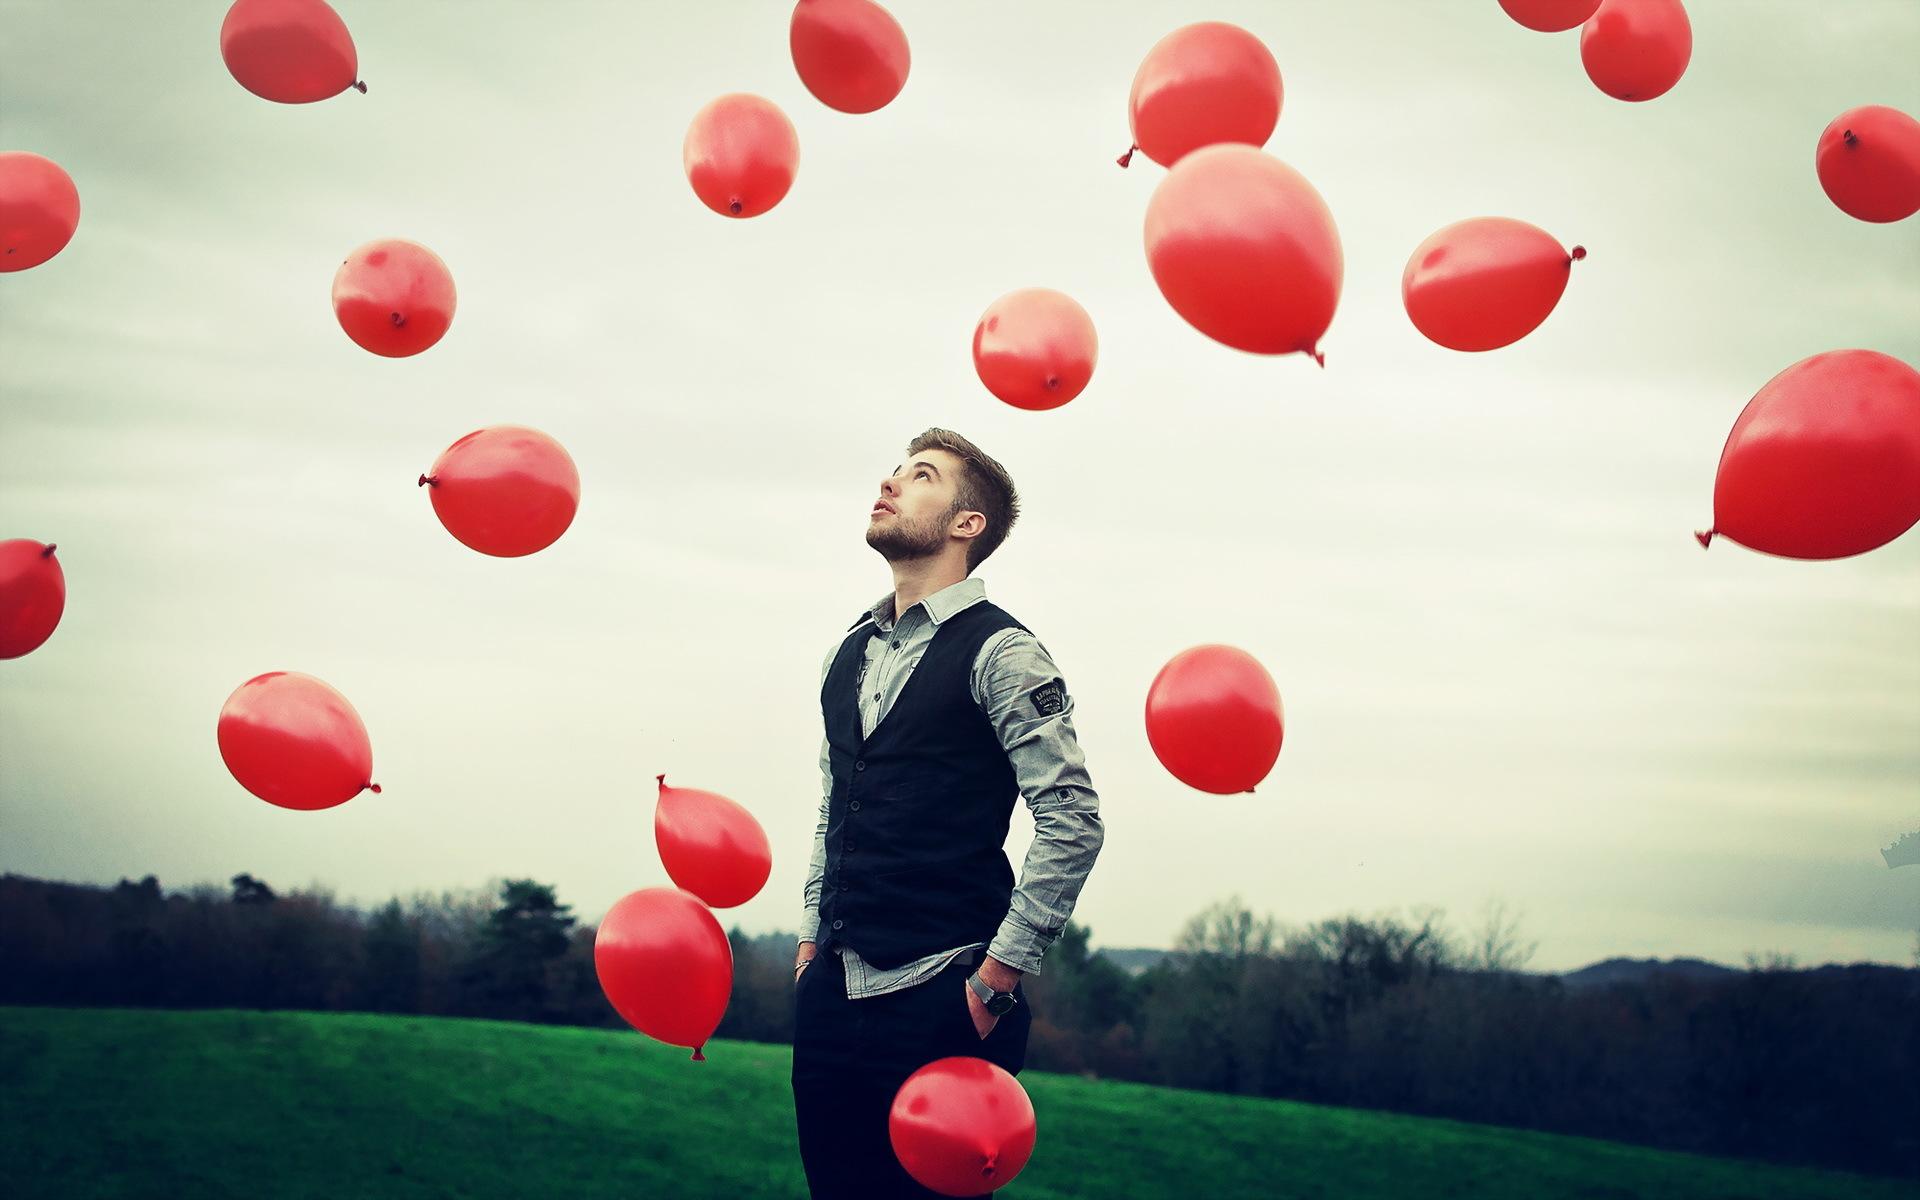 мужчина и воздушные шарики